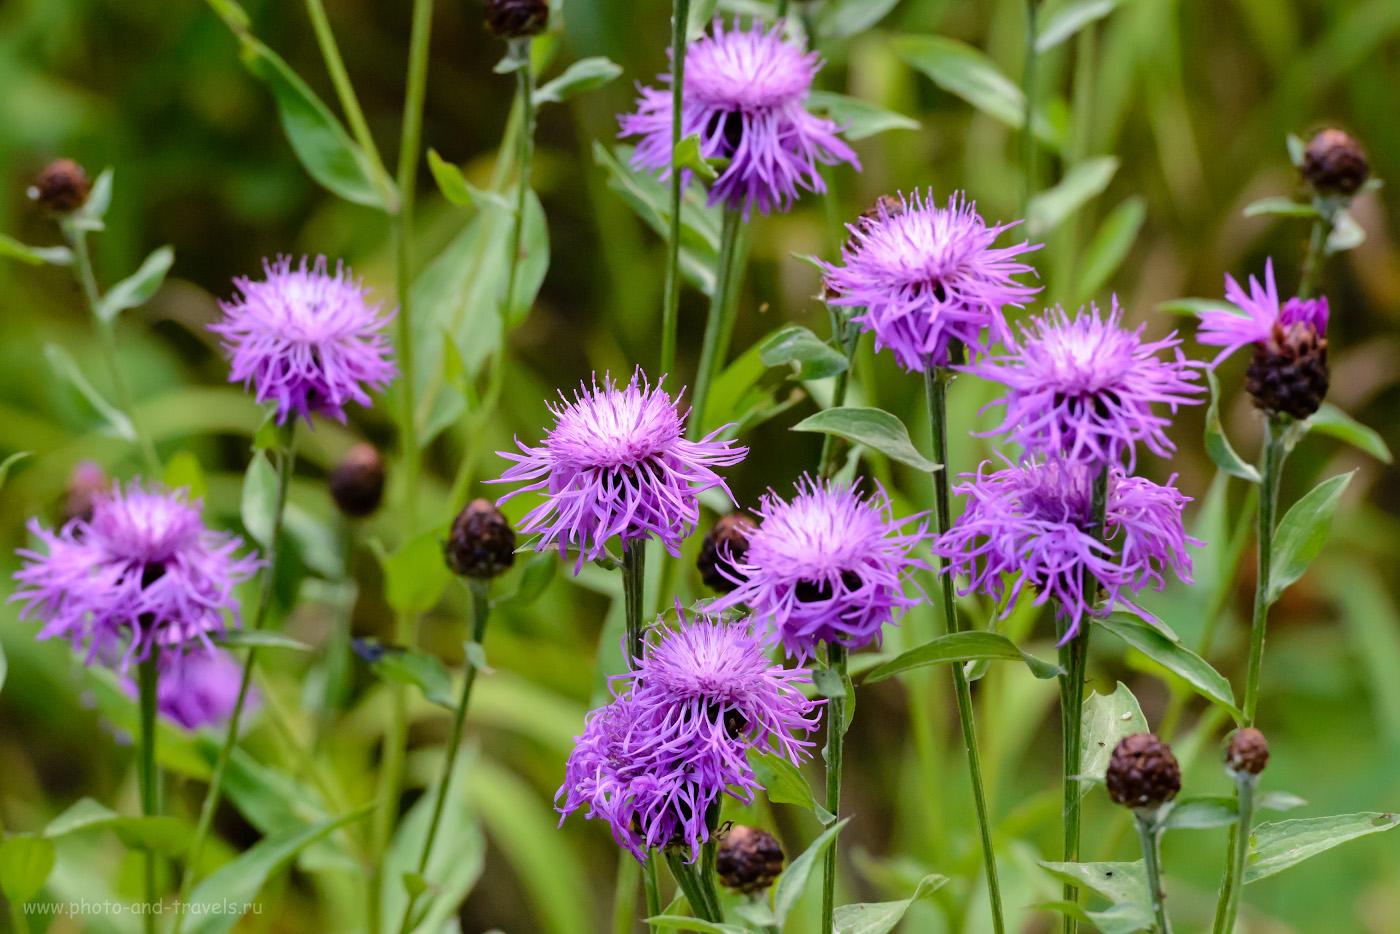 9. Так выглядят самые распространенные (по моей версии) в уральских лесах цветы. 1/400, 8.0, 2800, -1.0, 200.